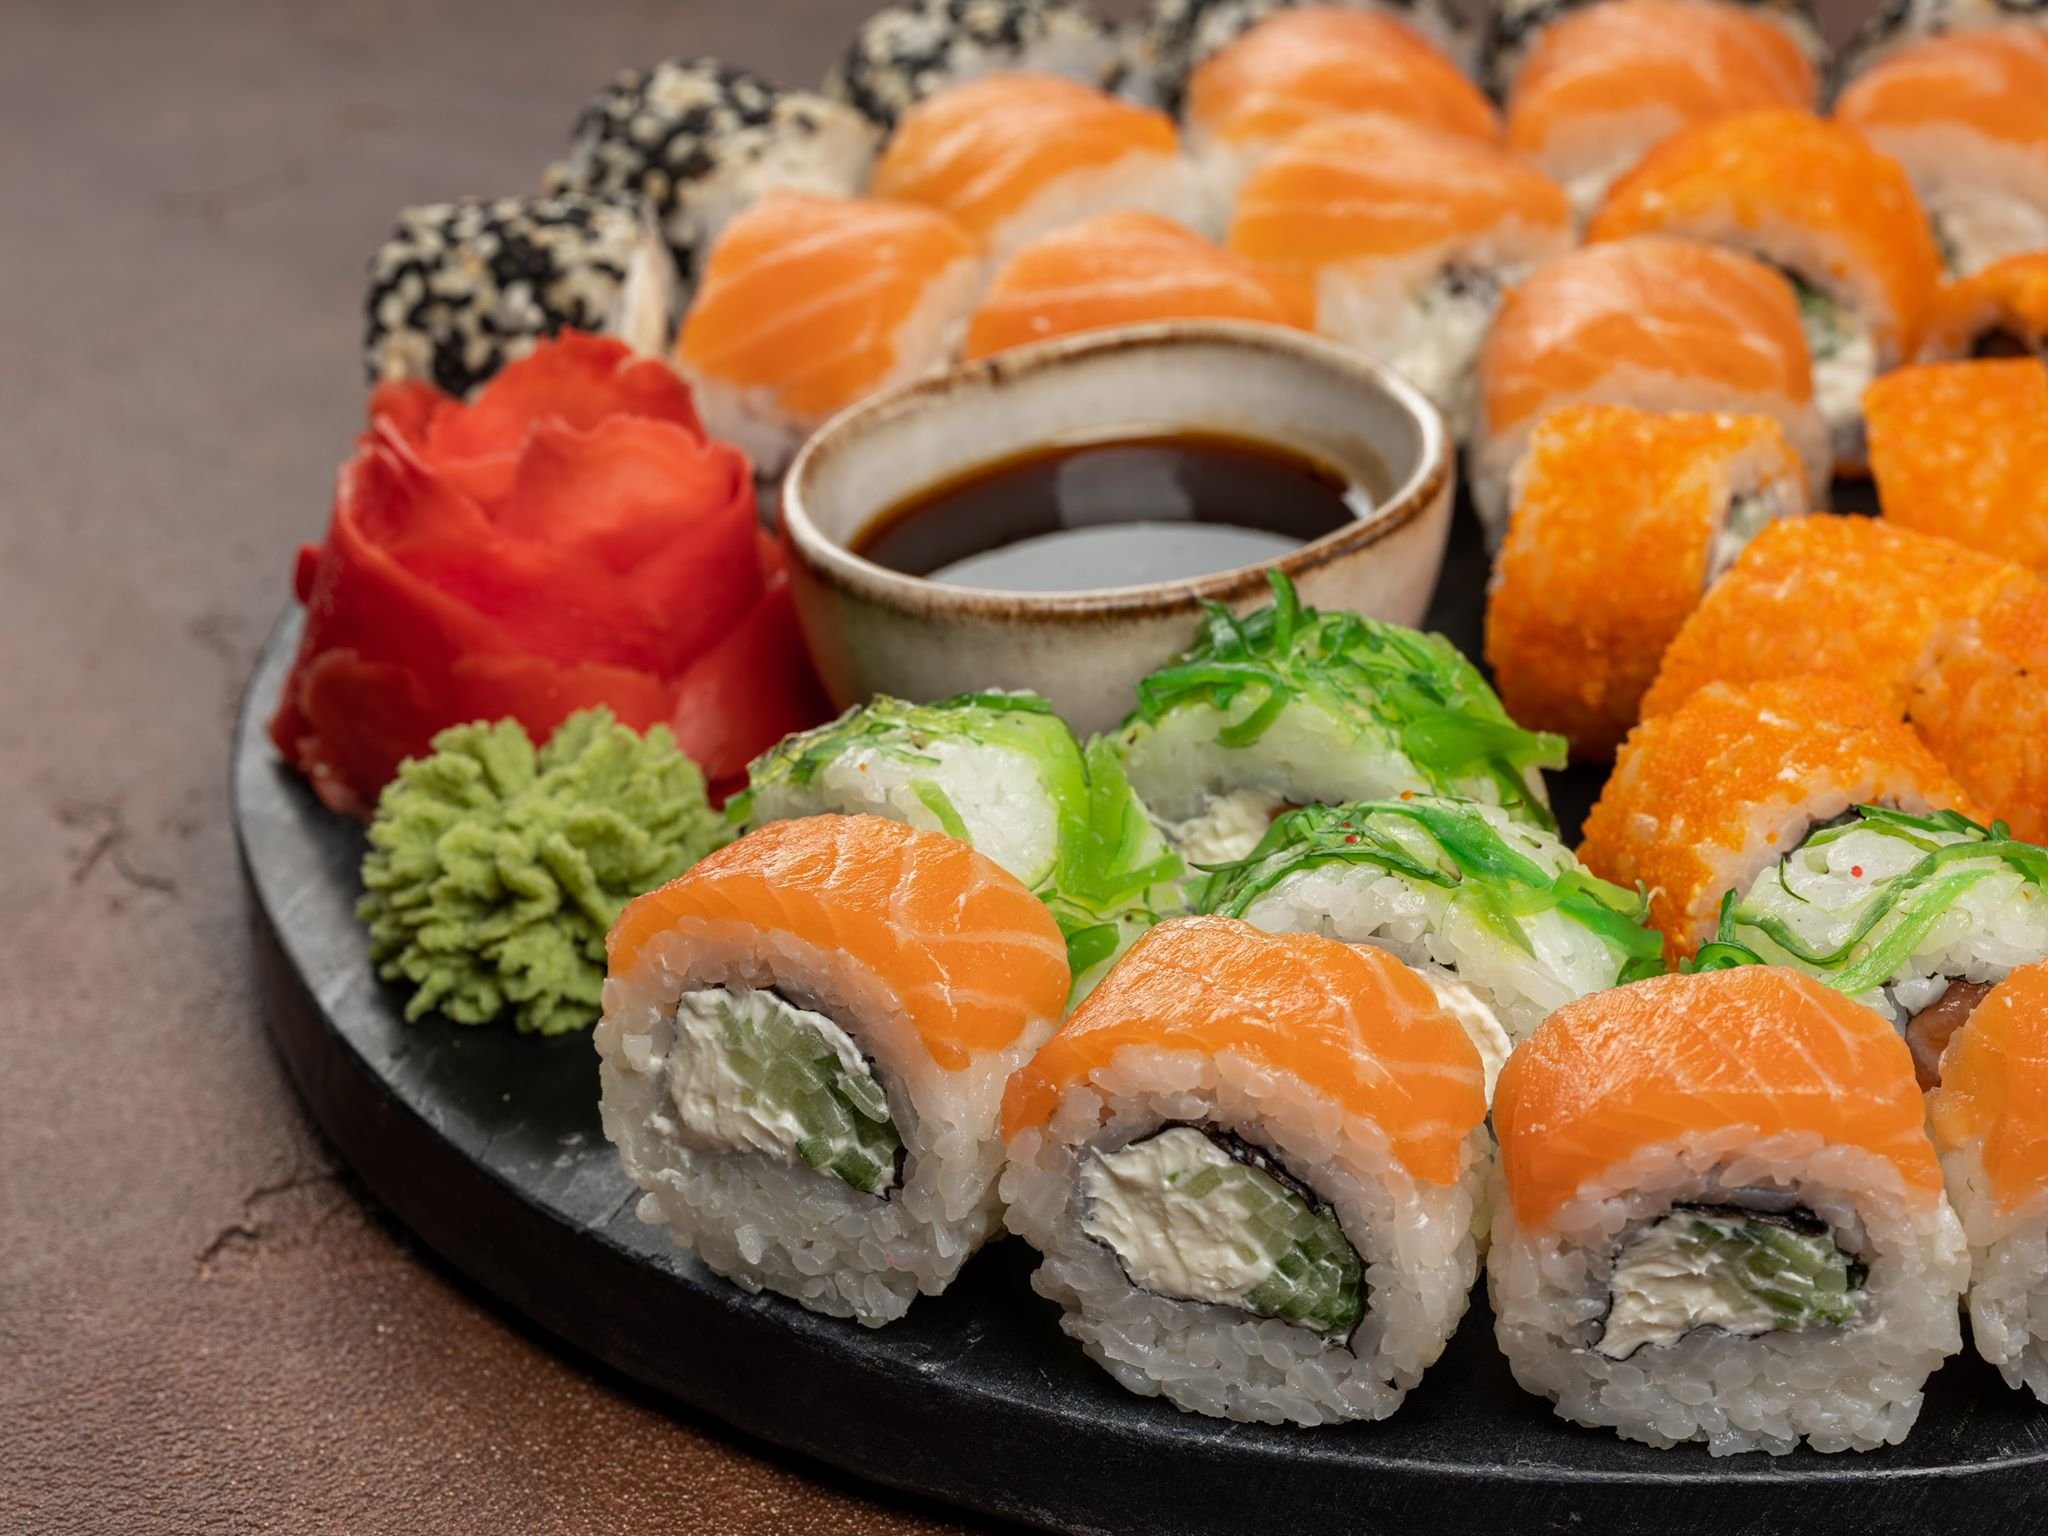 Заказываем доставку еды на дом. Заказываем еду на дом. Суши и пица надом - Это удобно и просто!